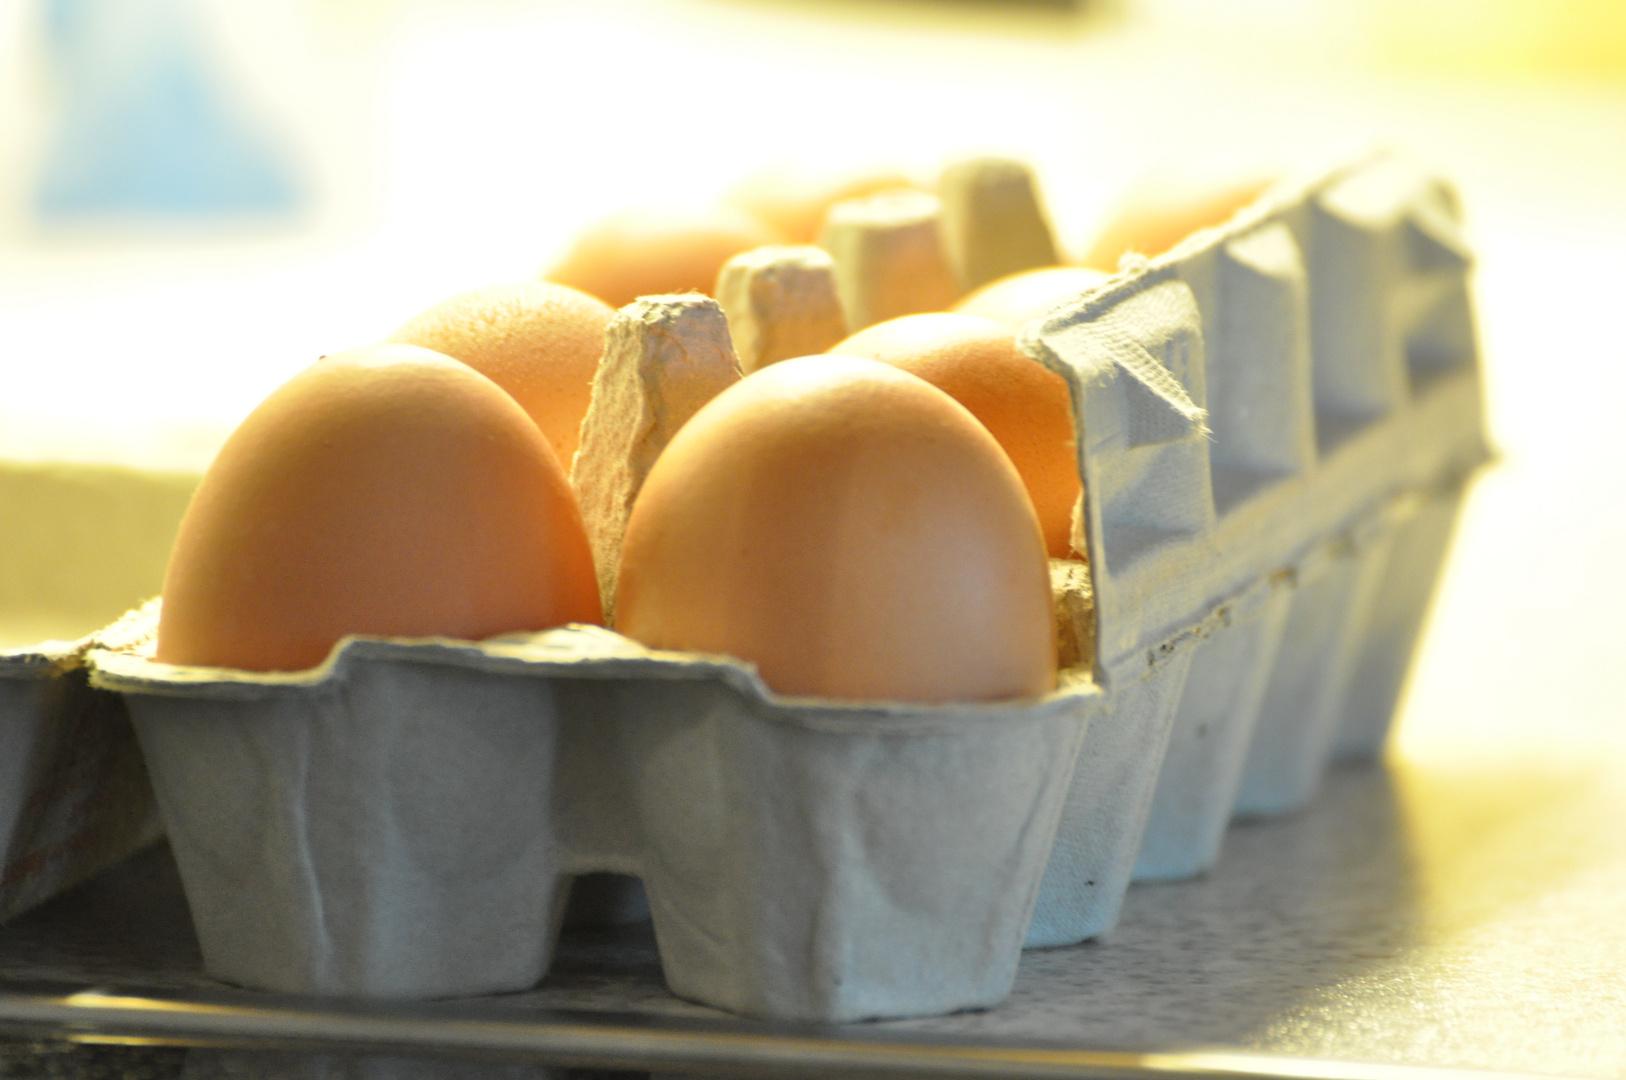 Das Ei im Karton...